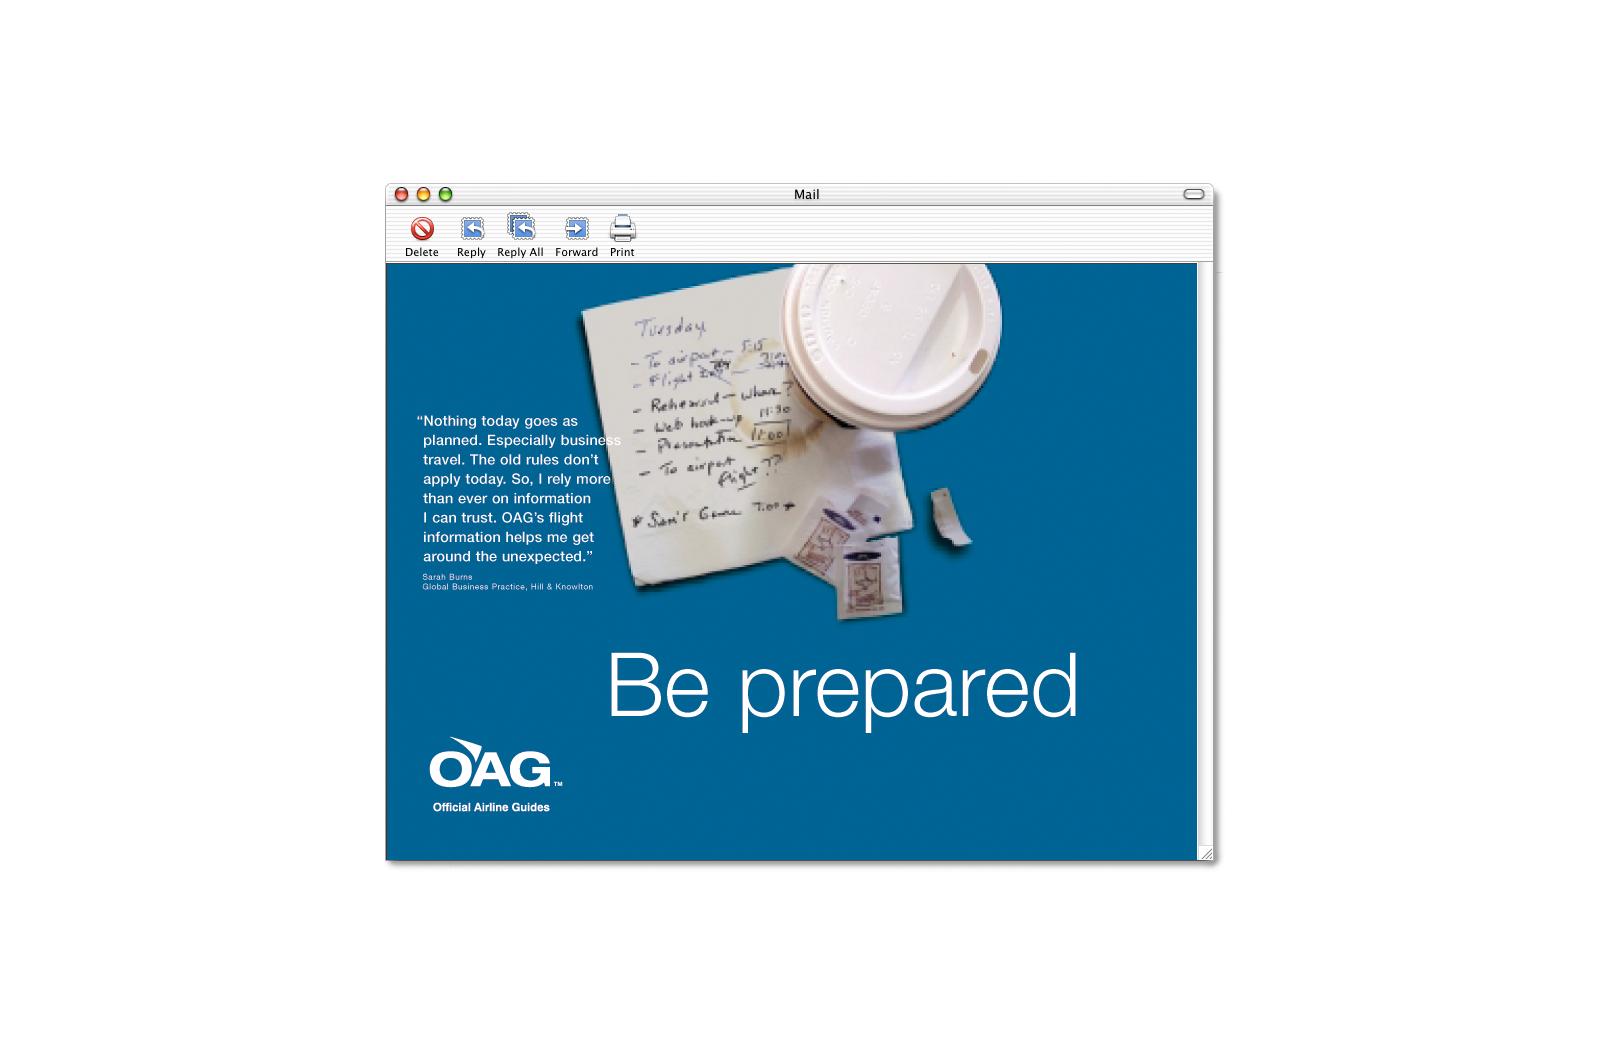 OAG__IMG04